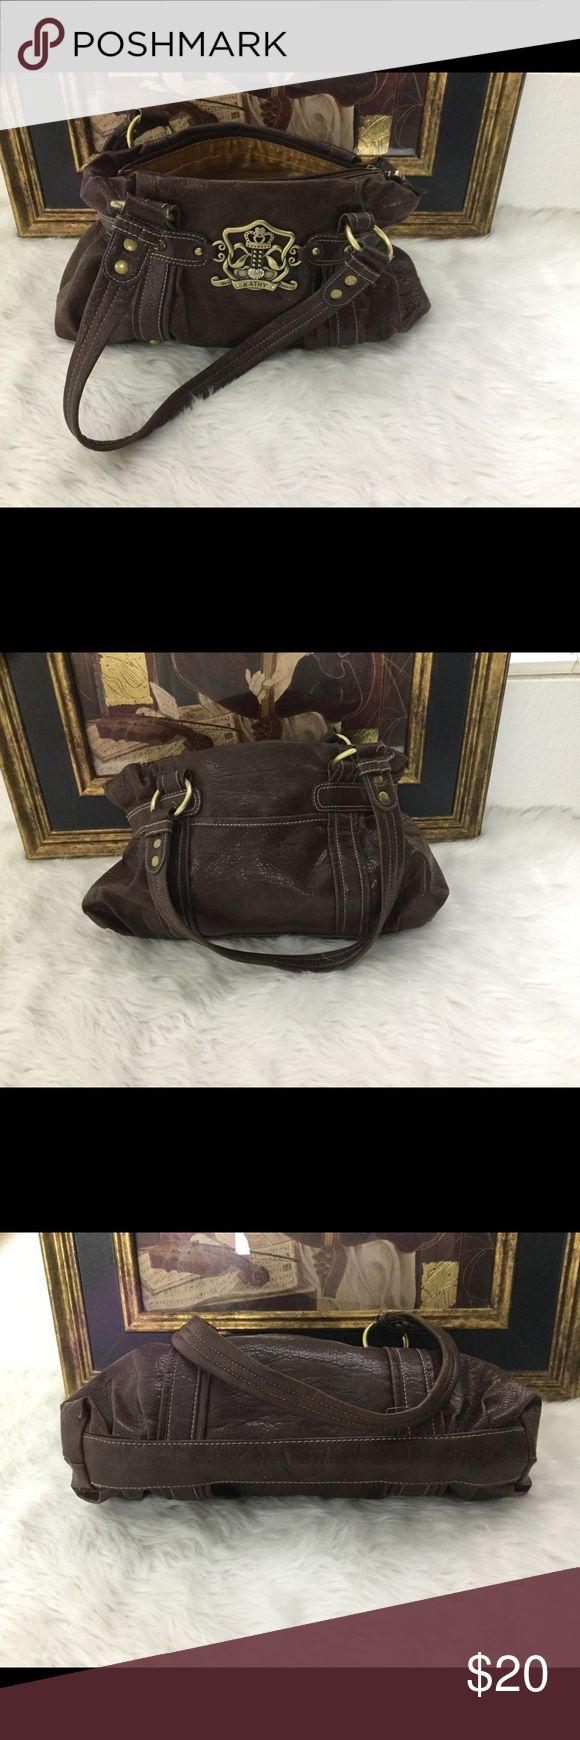 Kathy Van Zeeland Brown Handbag 💥 Kathy Van Zeeland brown Handbag Sz 14x10. In good condition! Kathy Van Zeeland Bags